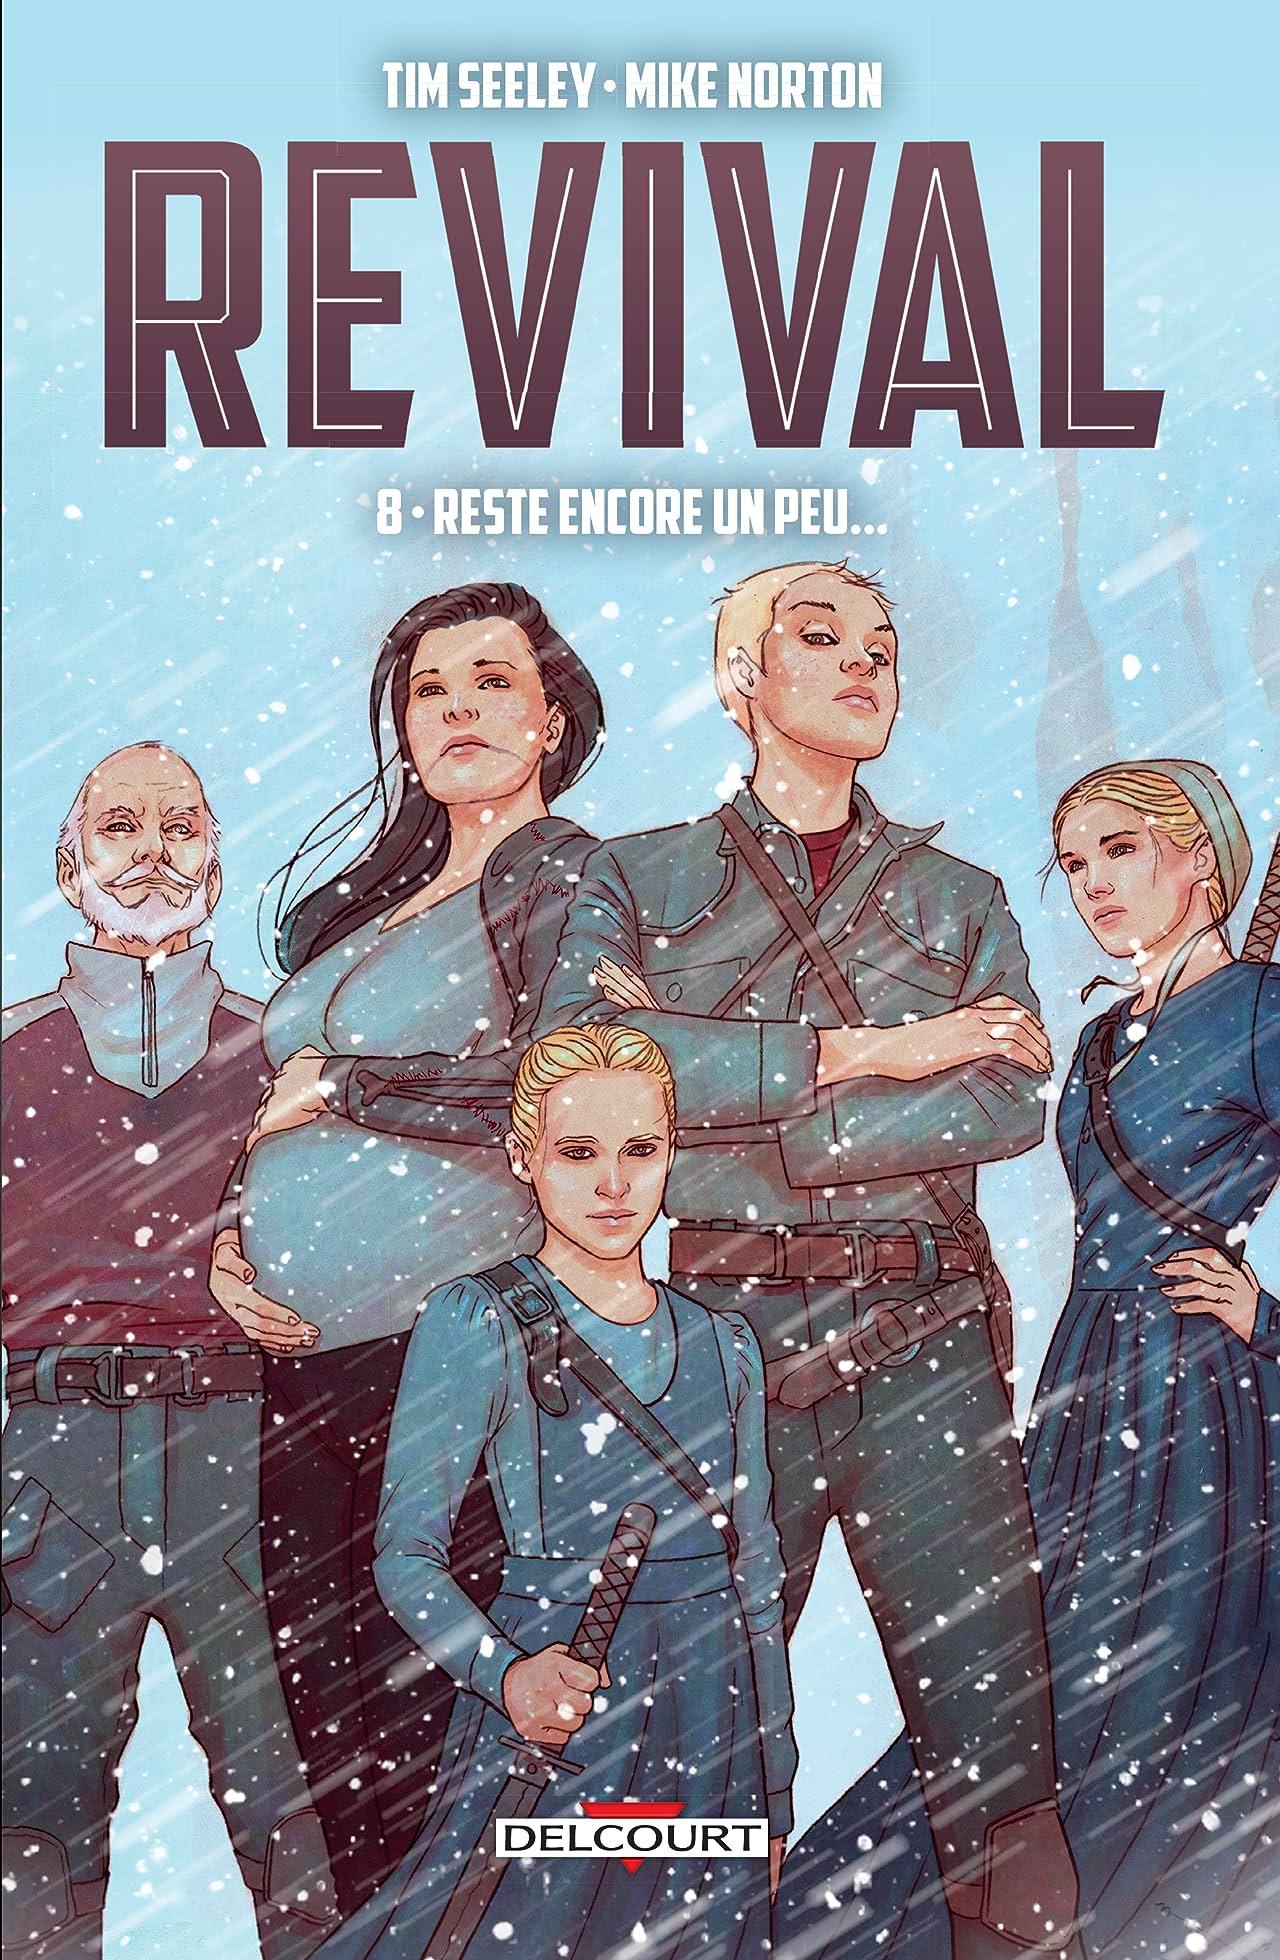 Revival Vol. 8: Reste encore un peu...